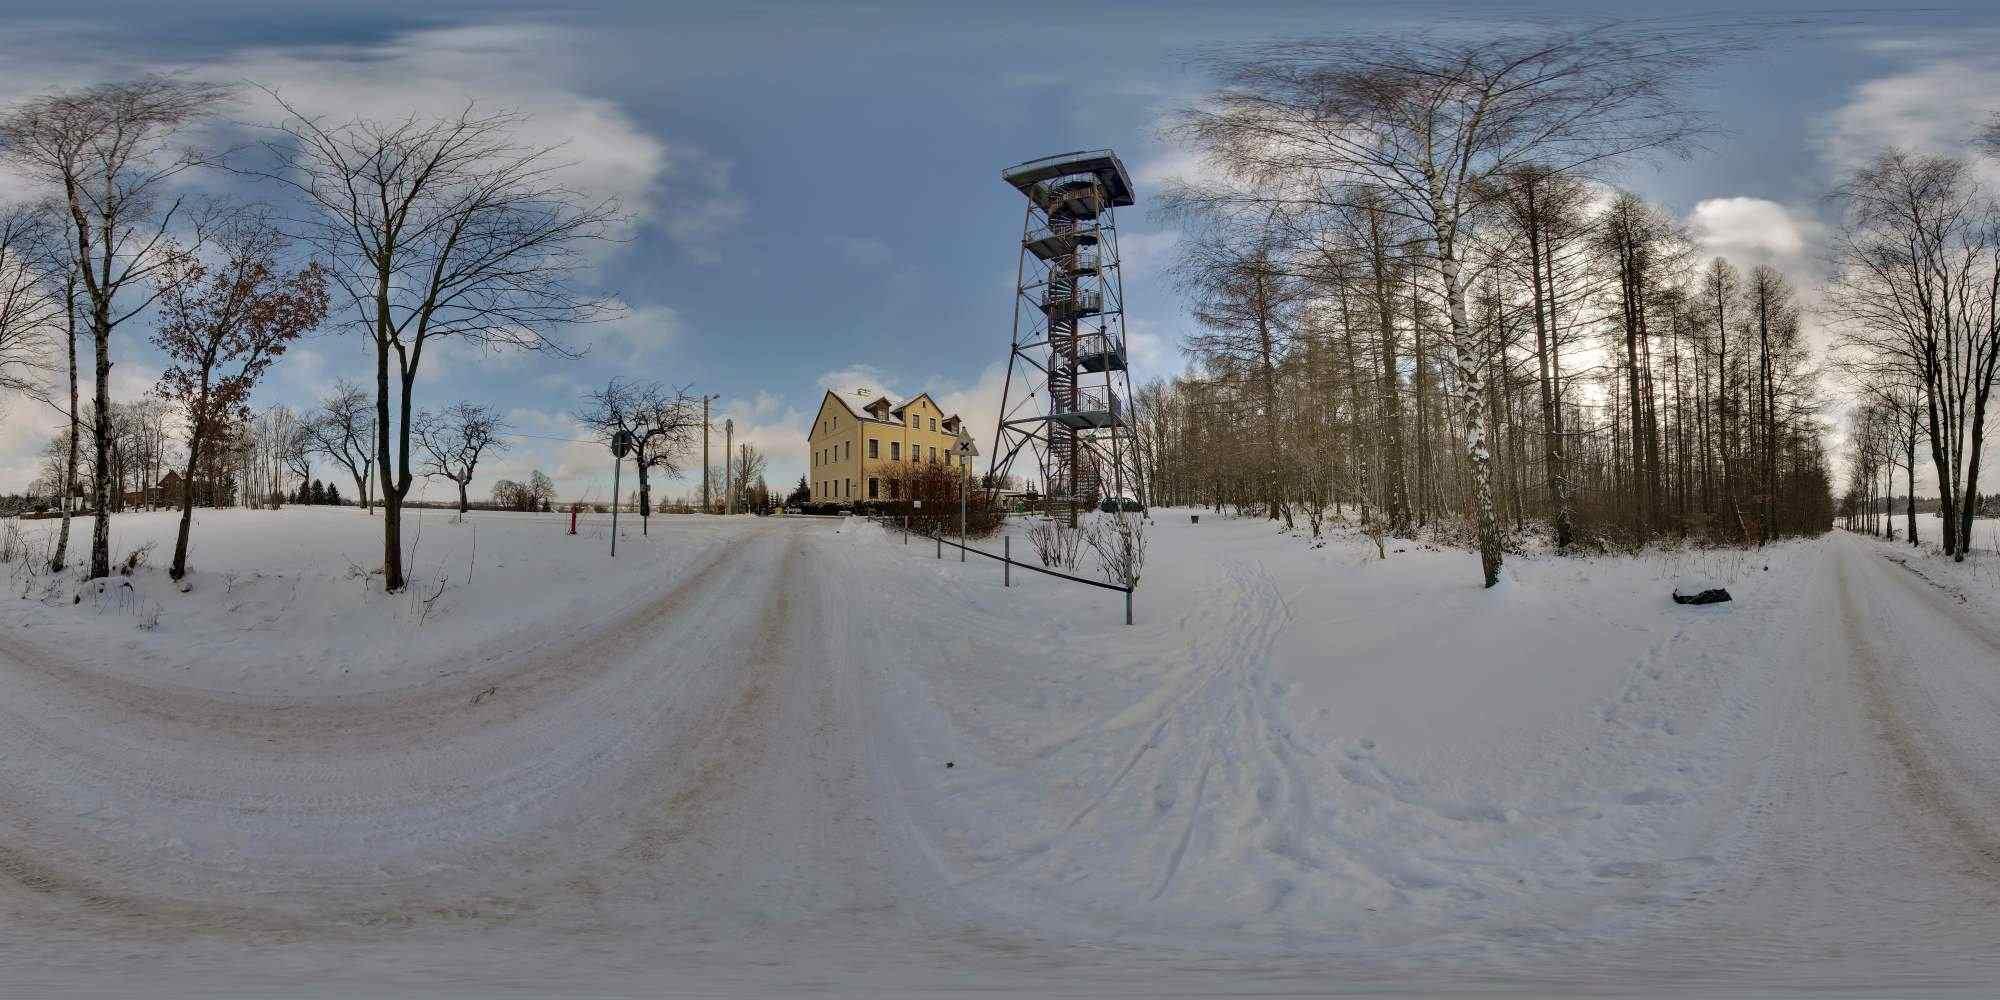 Winterpanoramen mit weihnachtlicher Musik und Schneefall 7